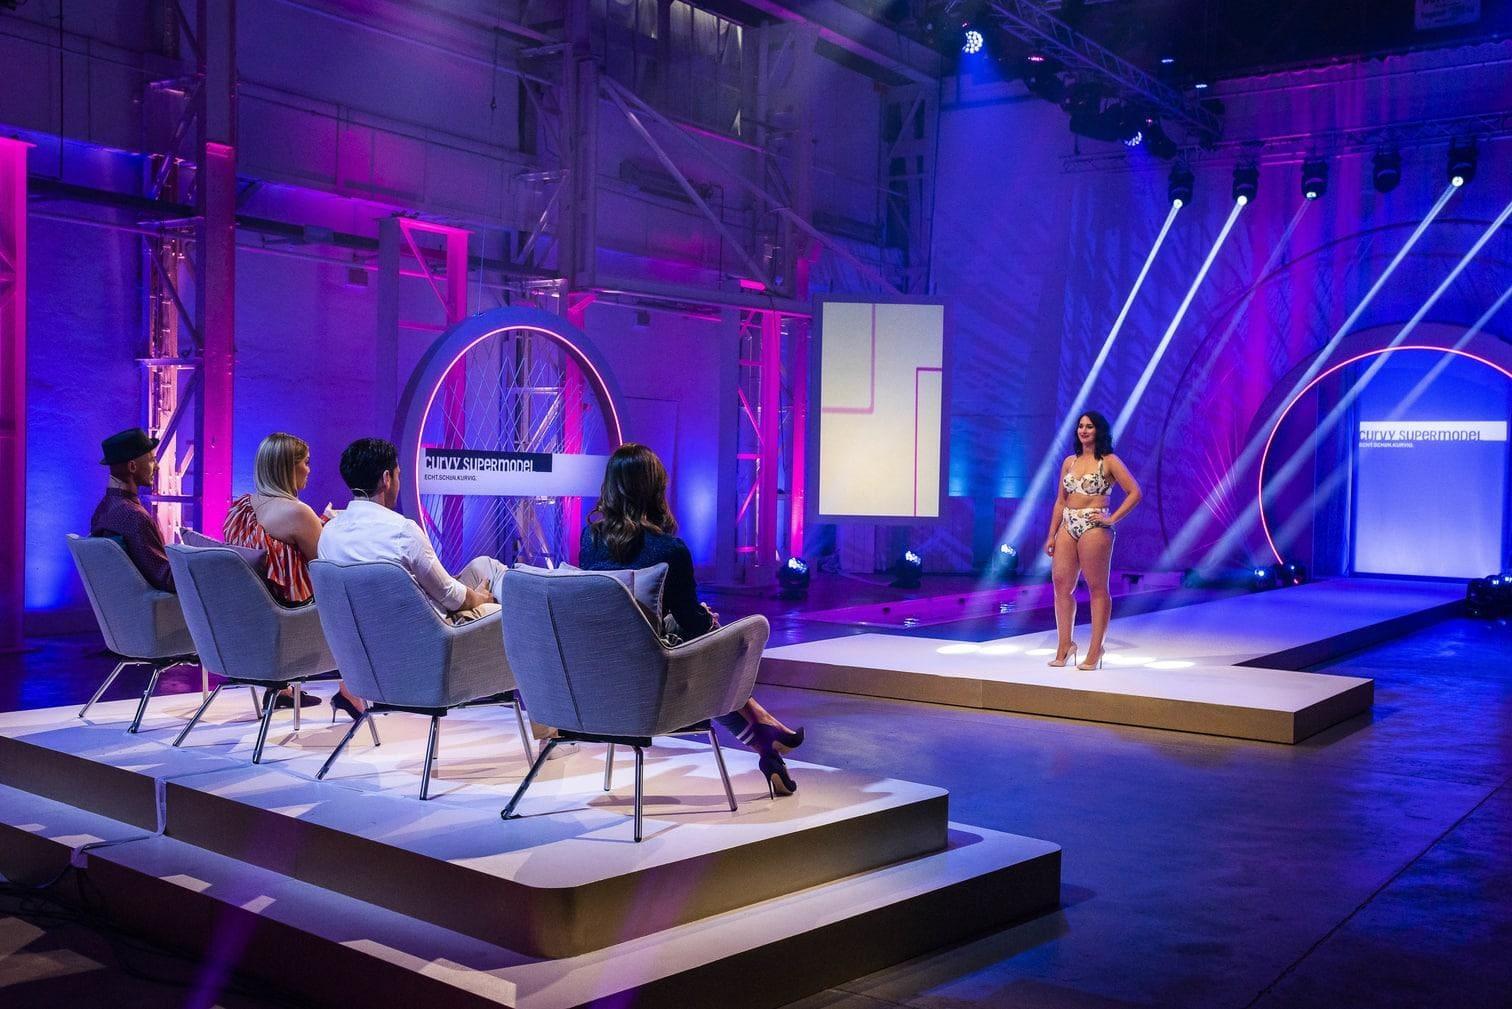 in dem Wort steckt das gleiche Wort wie in Übergewicht. Dabei suchen Kirsch und ihre drei Jury-Kollegen Model Jana Ina Zarrella